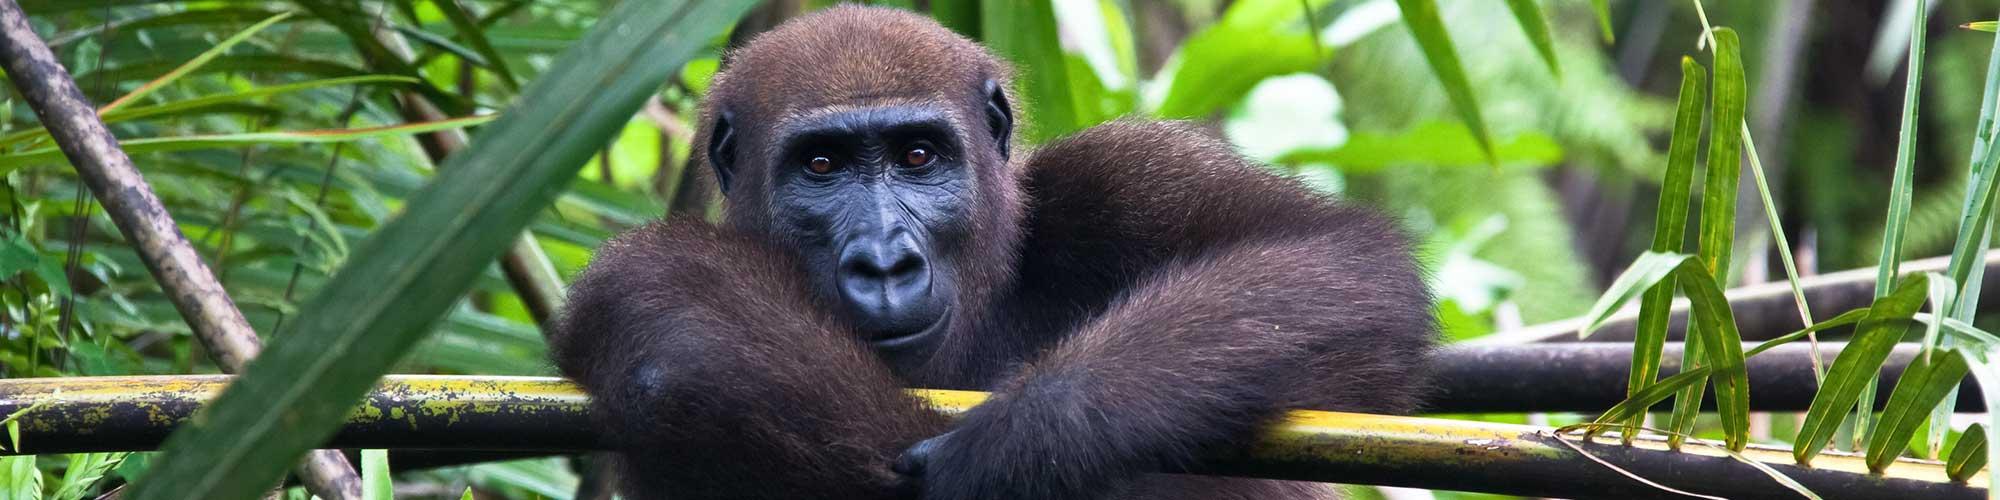 Gabón: Una exploración a la selva ecuatorial - El Pais Viajes